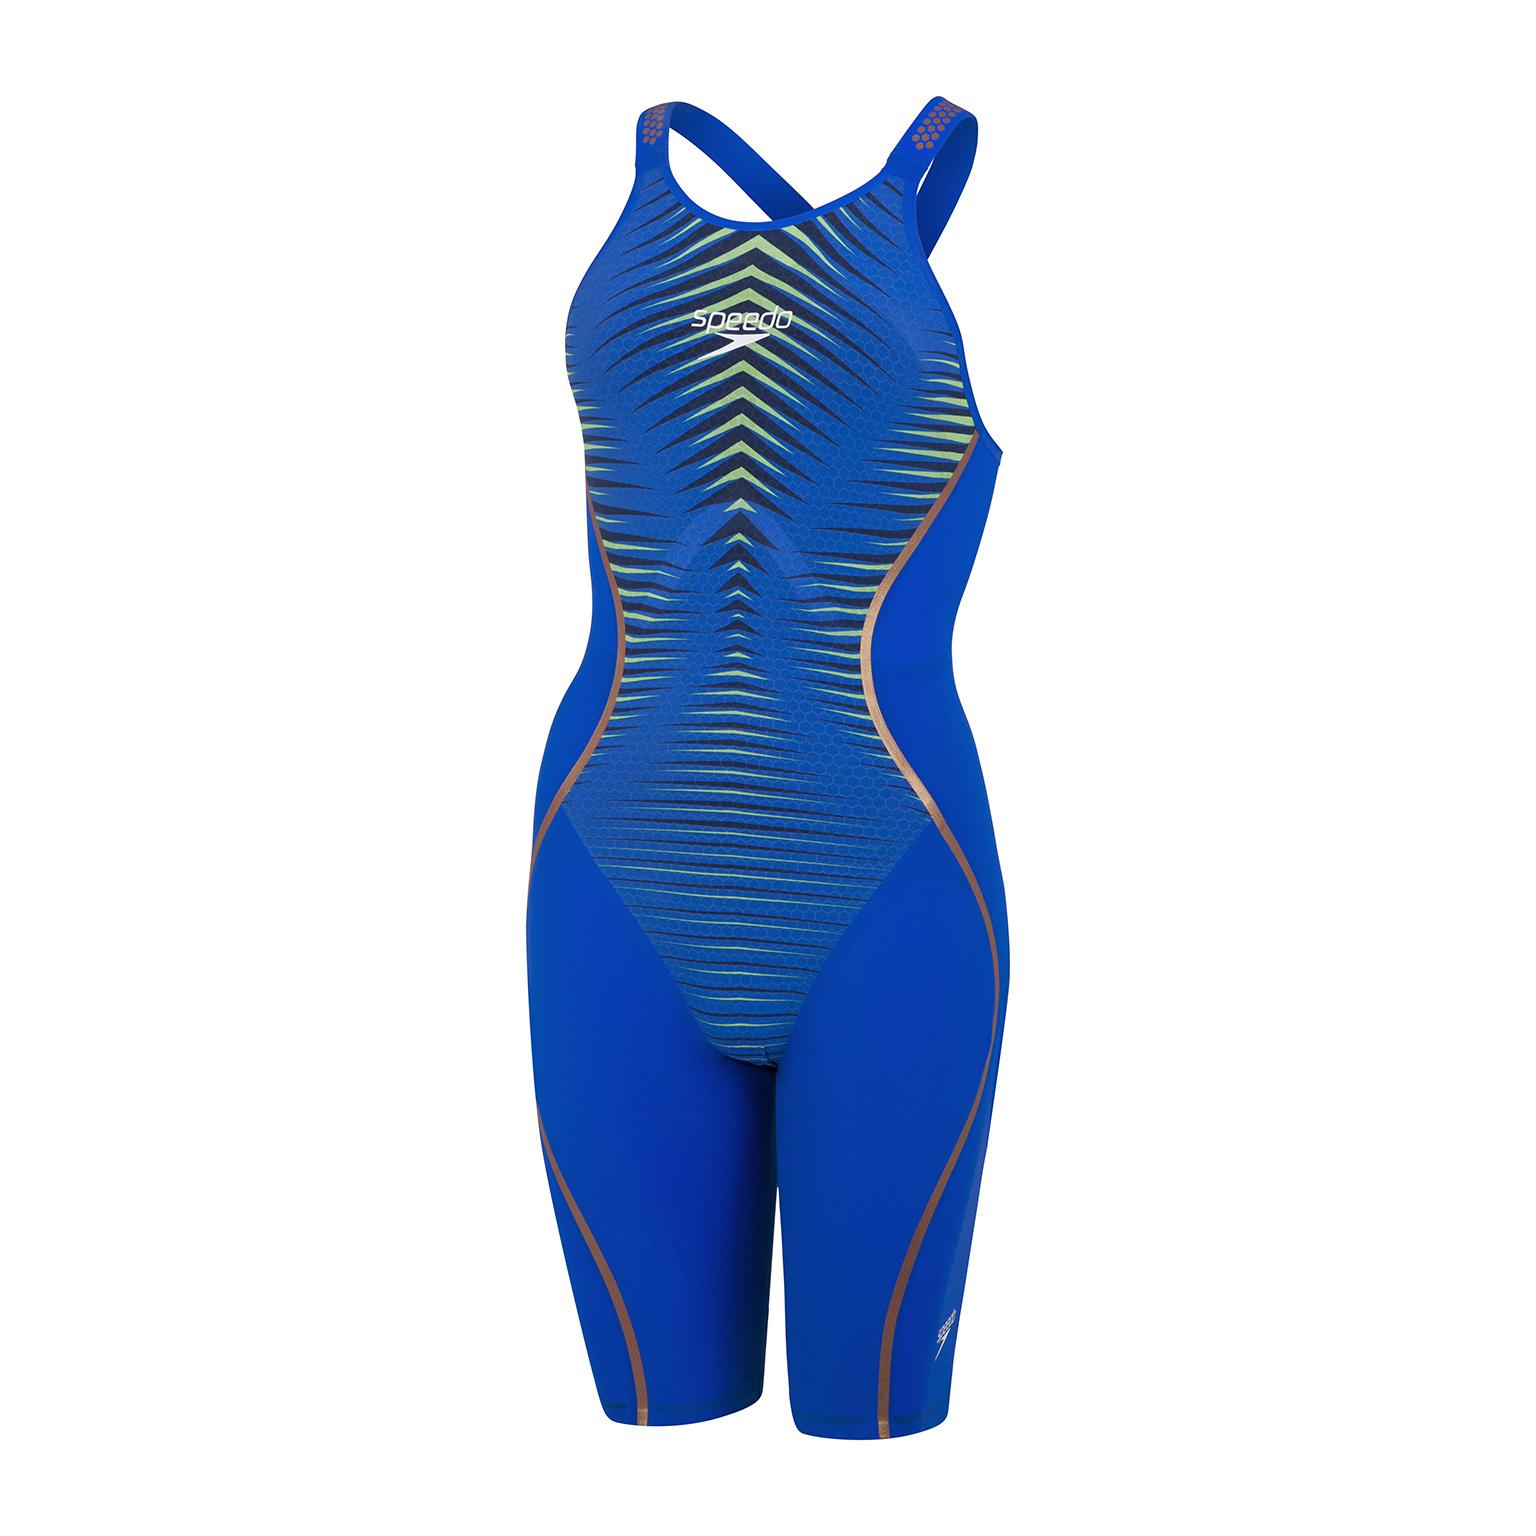 Speedo wedstrijdbadpak LZR Pure Intent OB blue/green